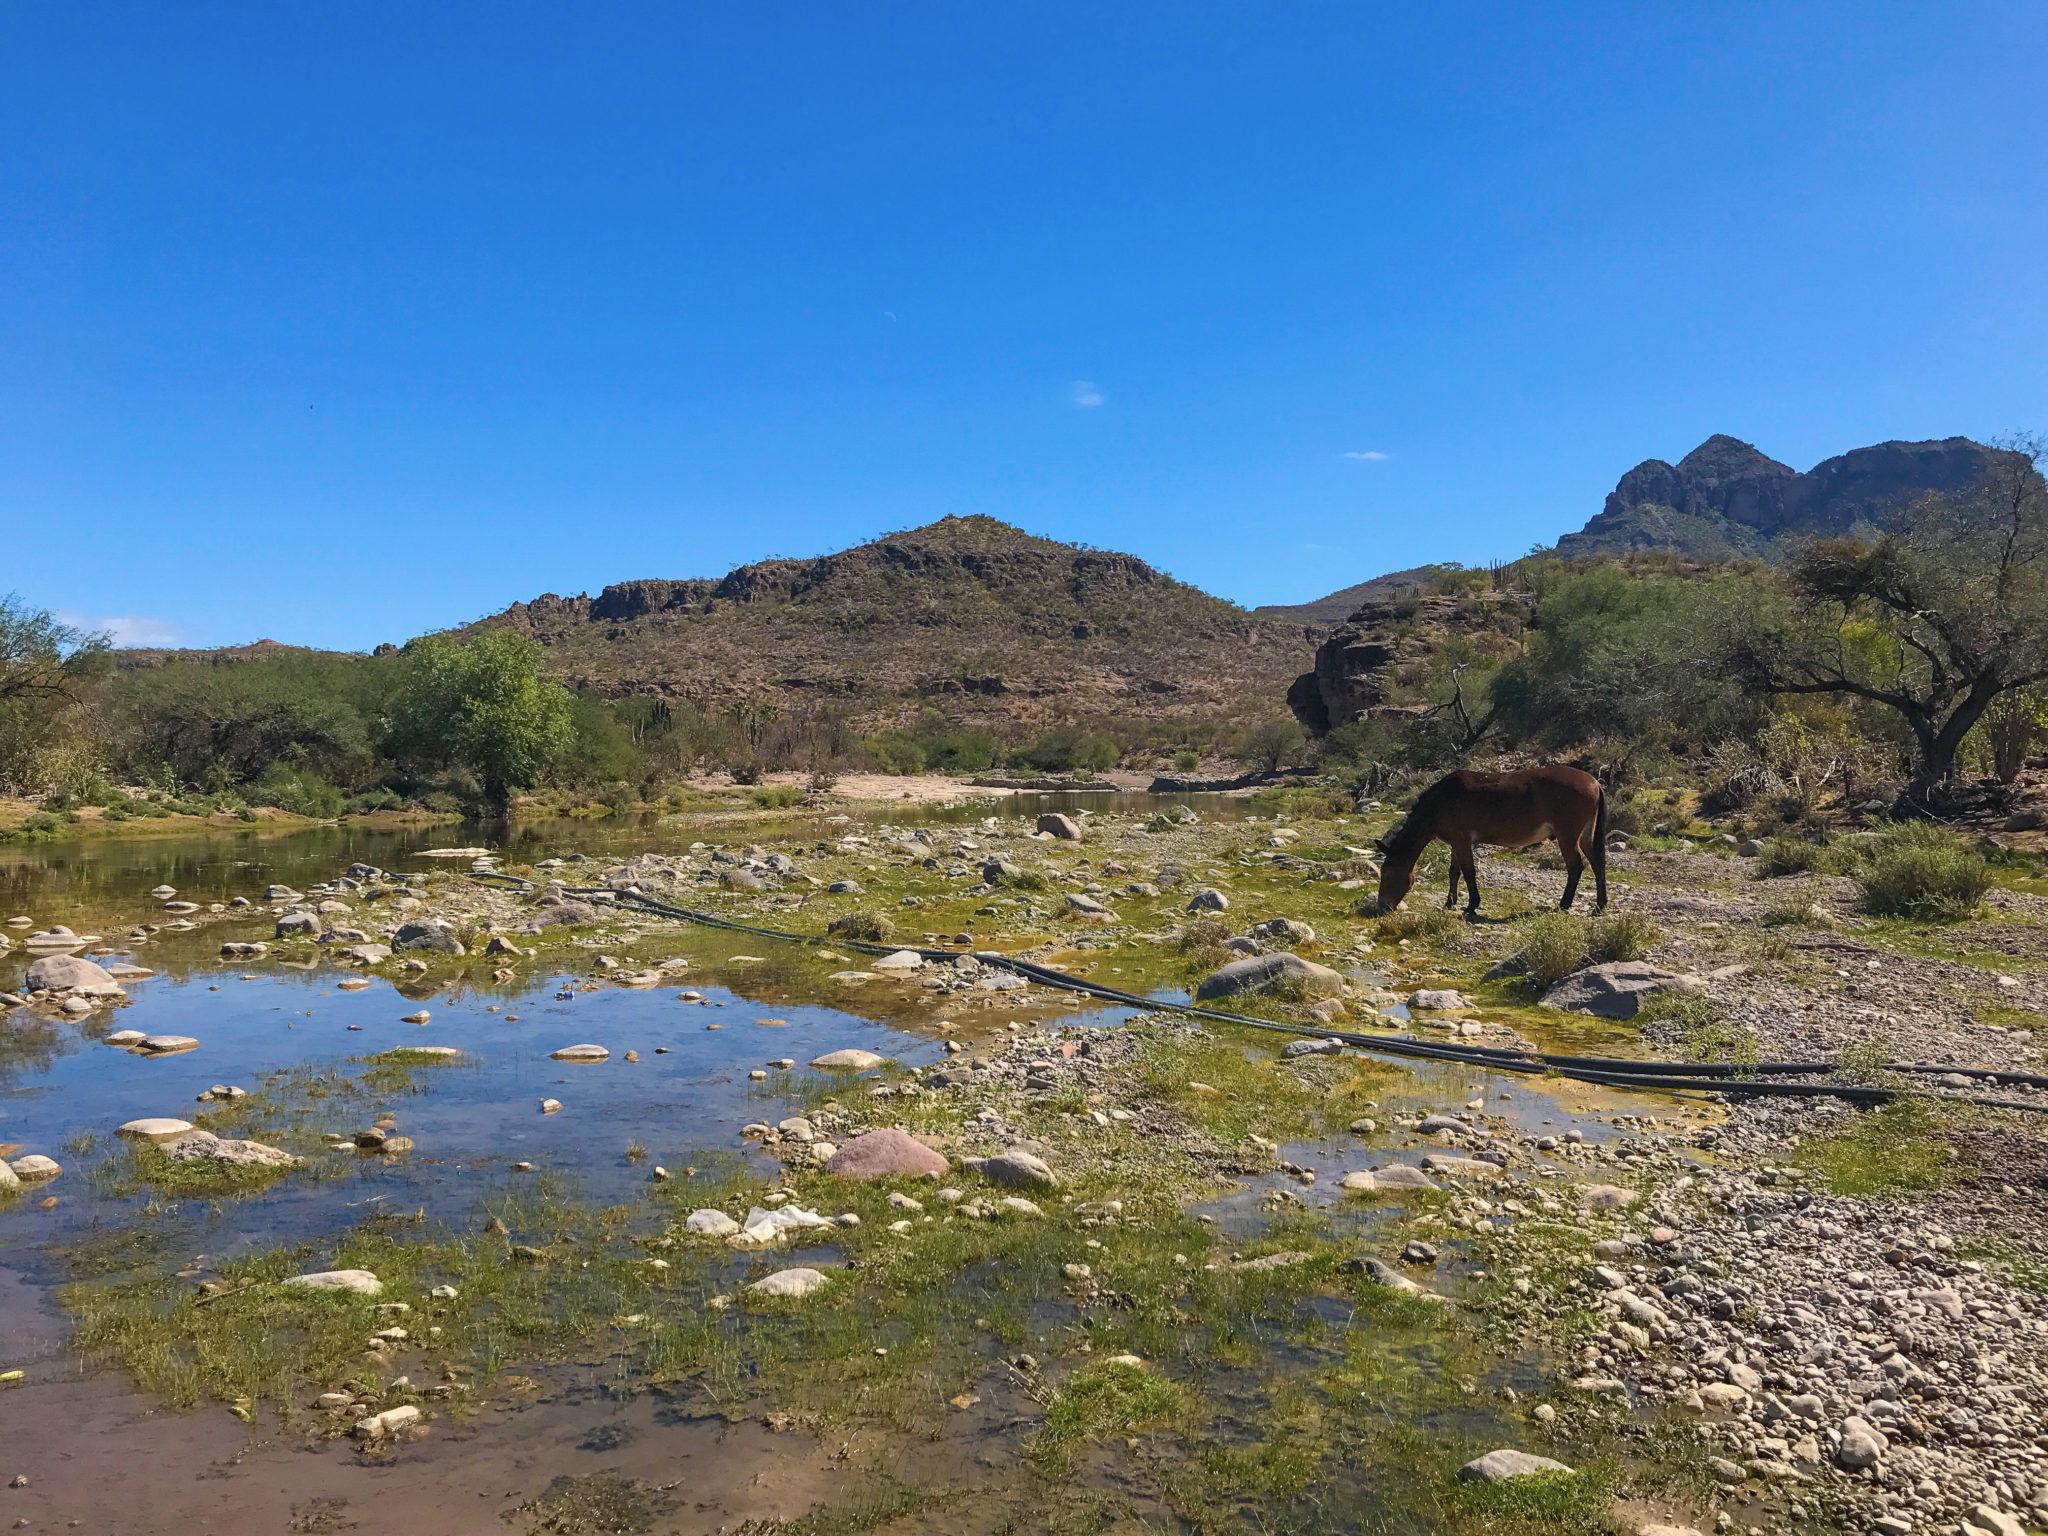 Santa Rita, Baja California Sur, México.